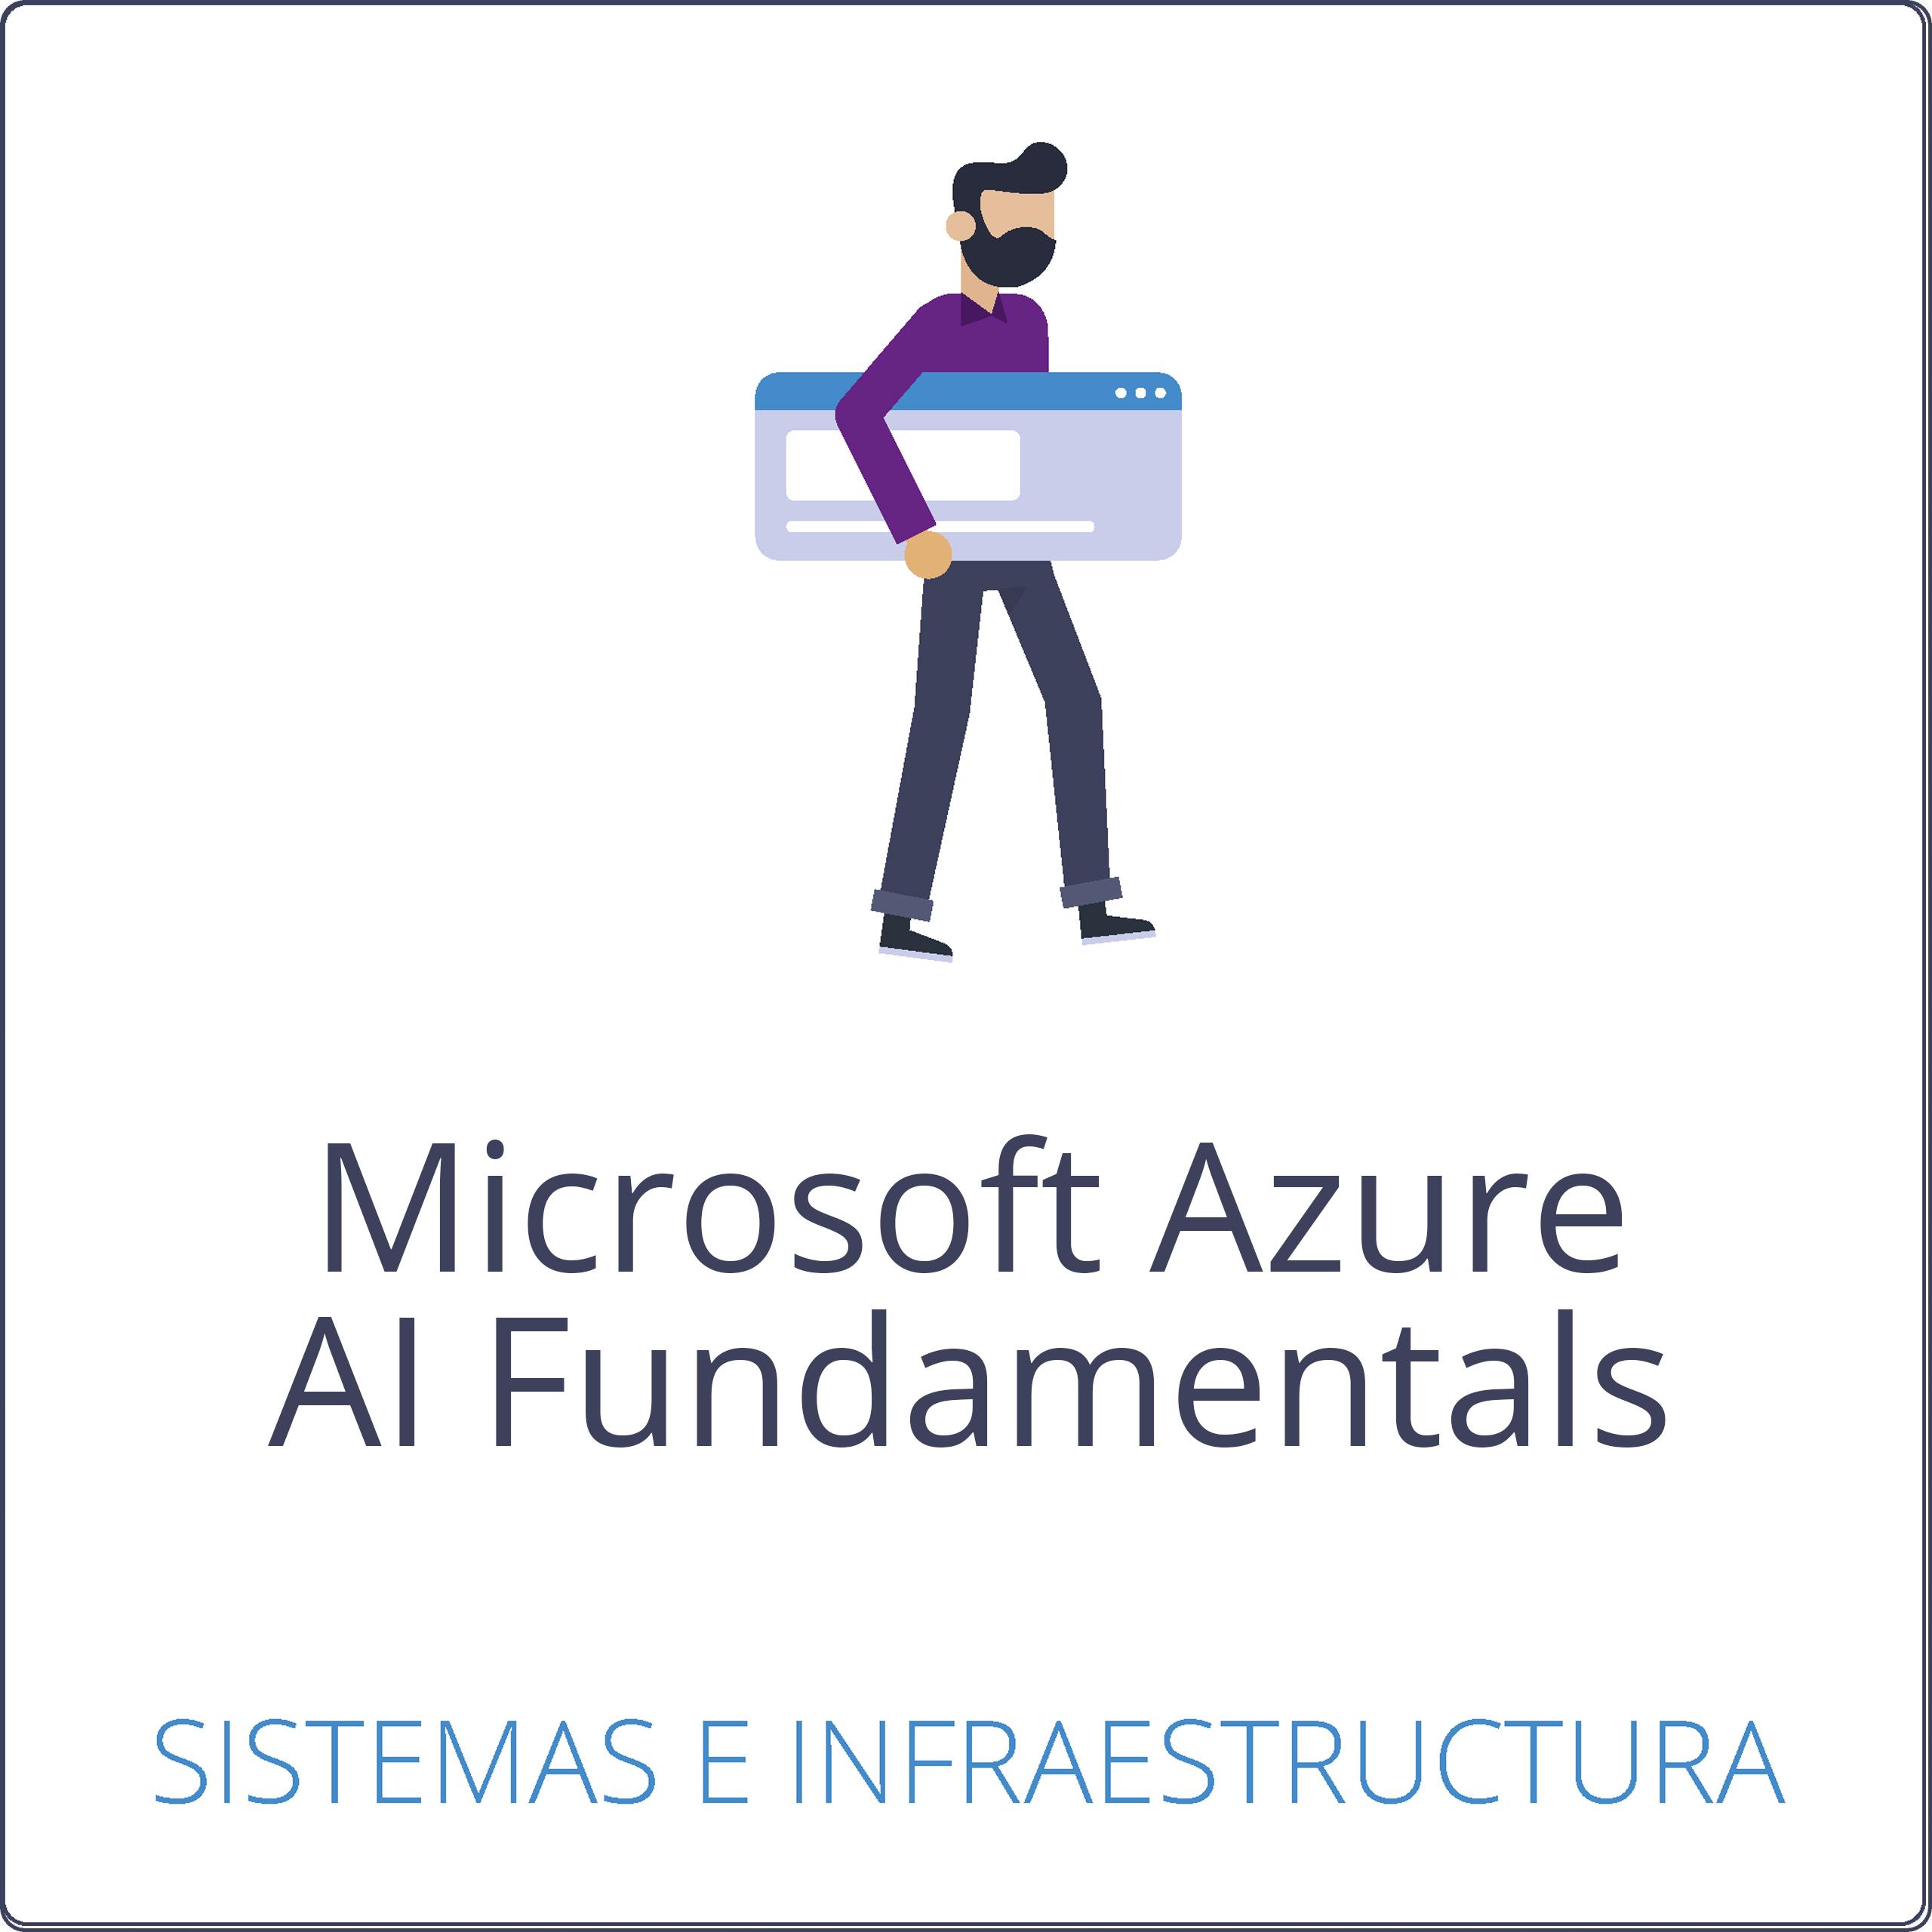 Microsoft Azure AI Fundamentals